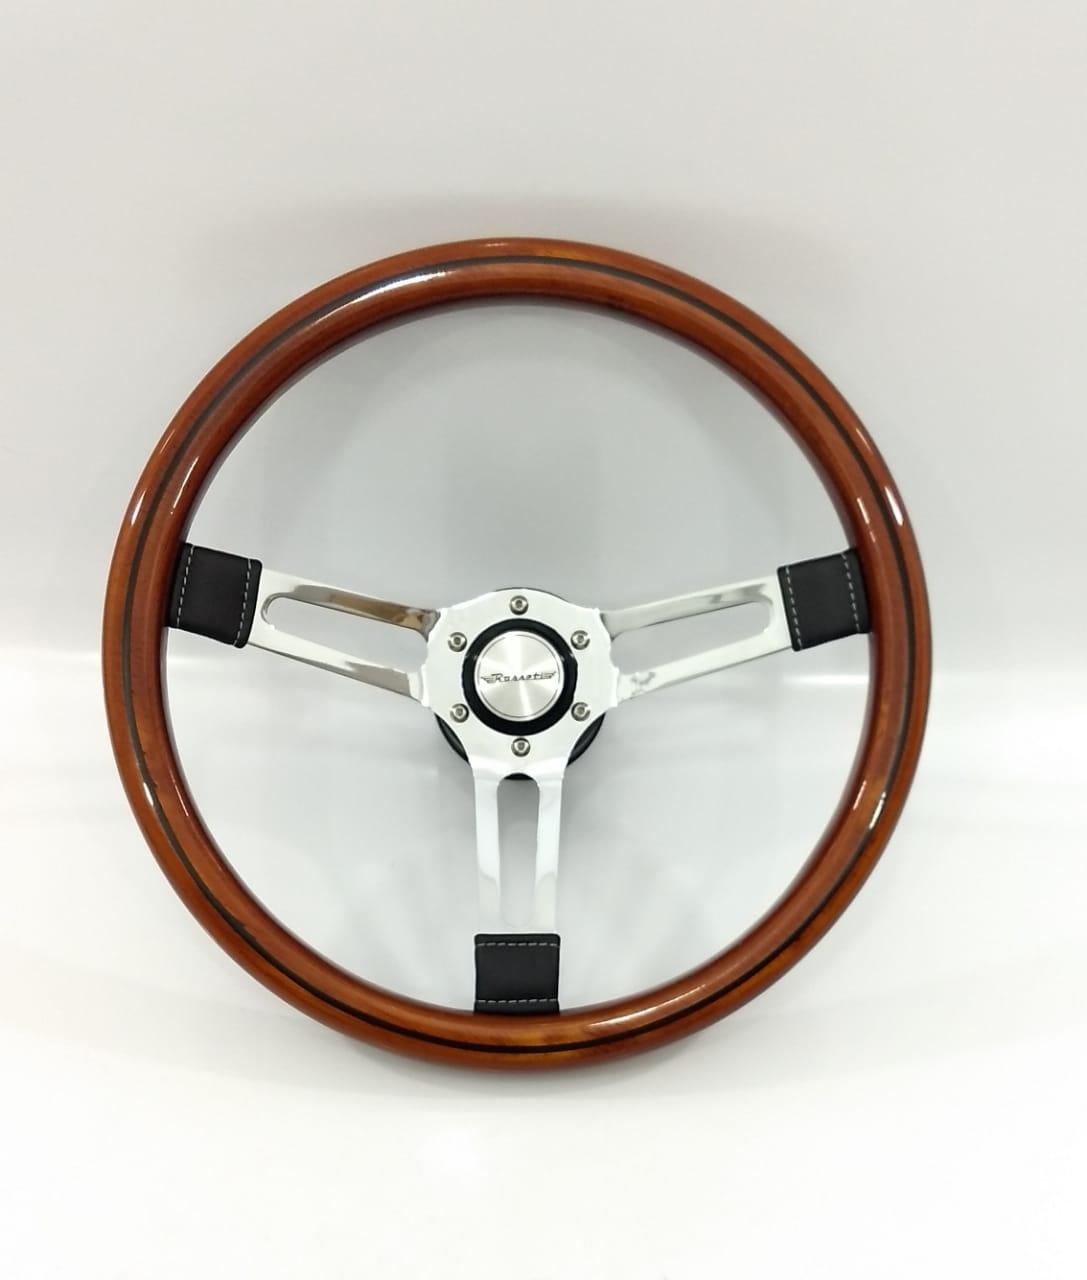 Volante Lenker Puma Madeira